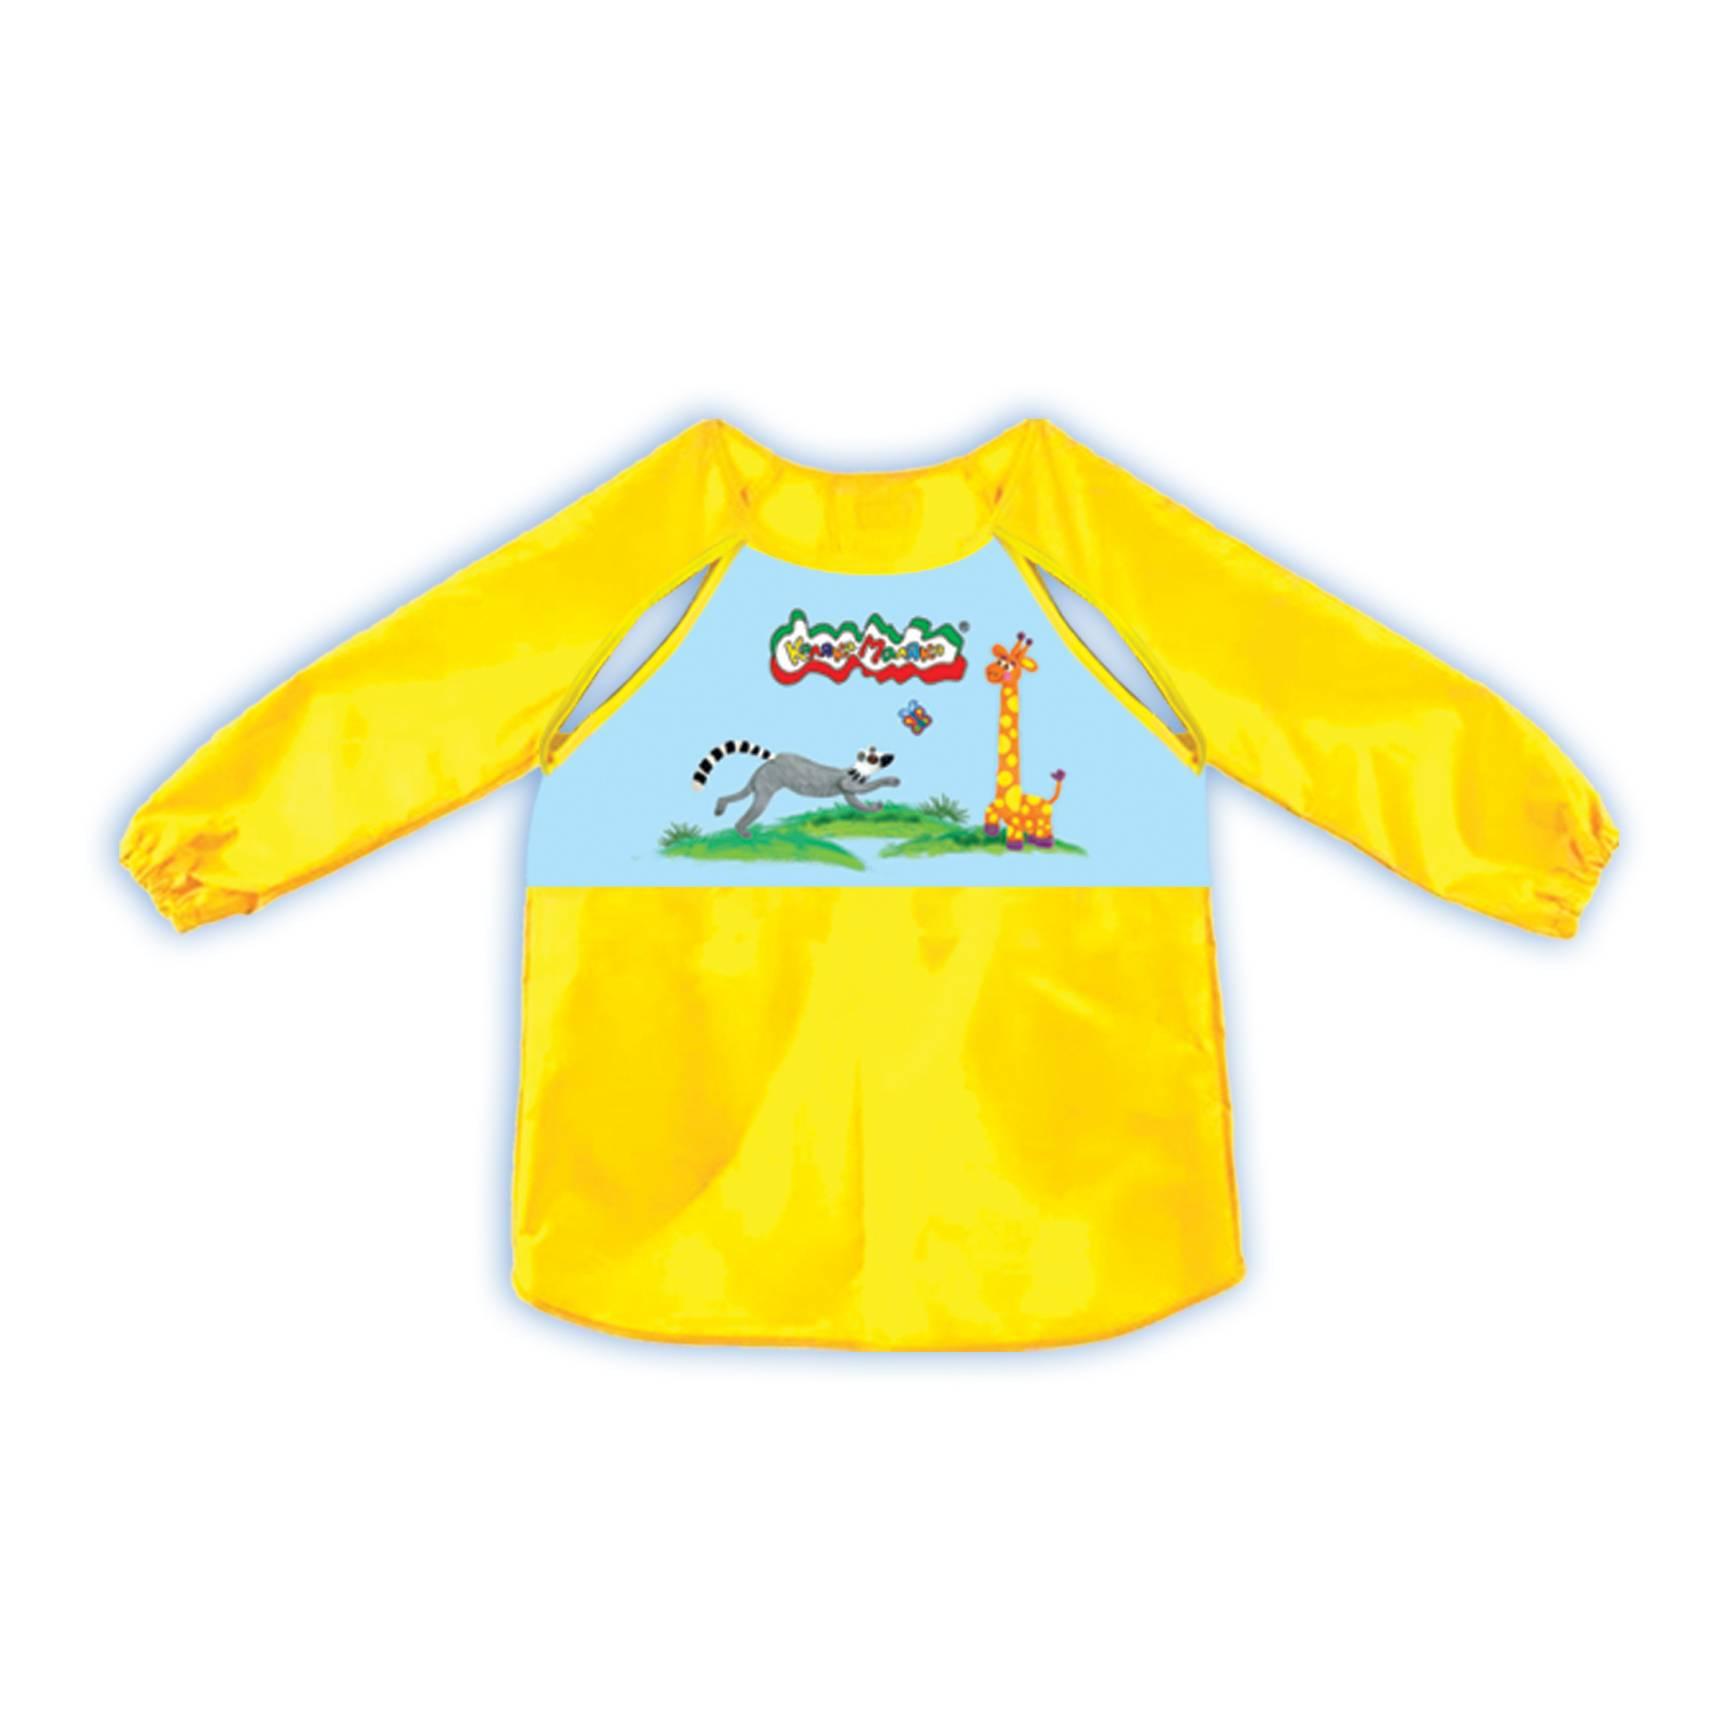 Фартук-накидка д/труда Каляка-Маляка для малышей, на рост 92-98 см, с рукавами и вырезами для терморегуляции